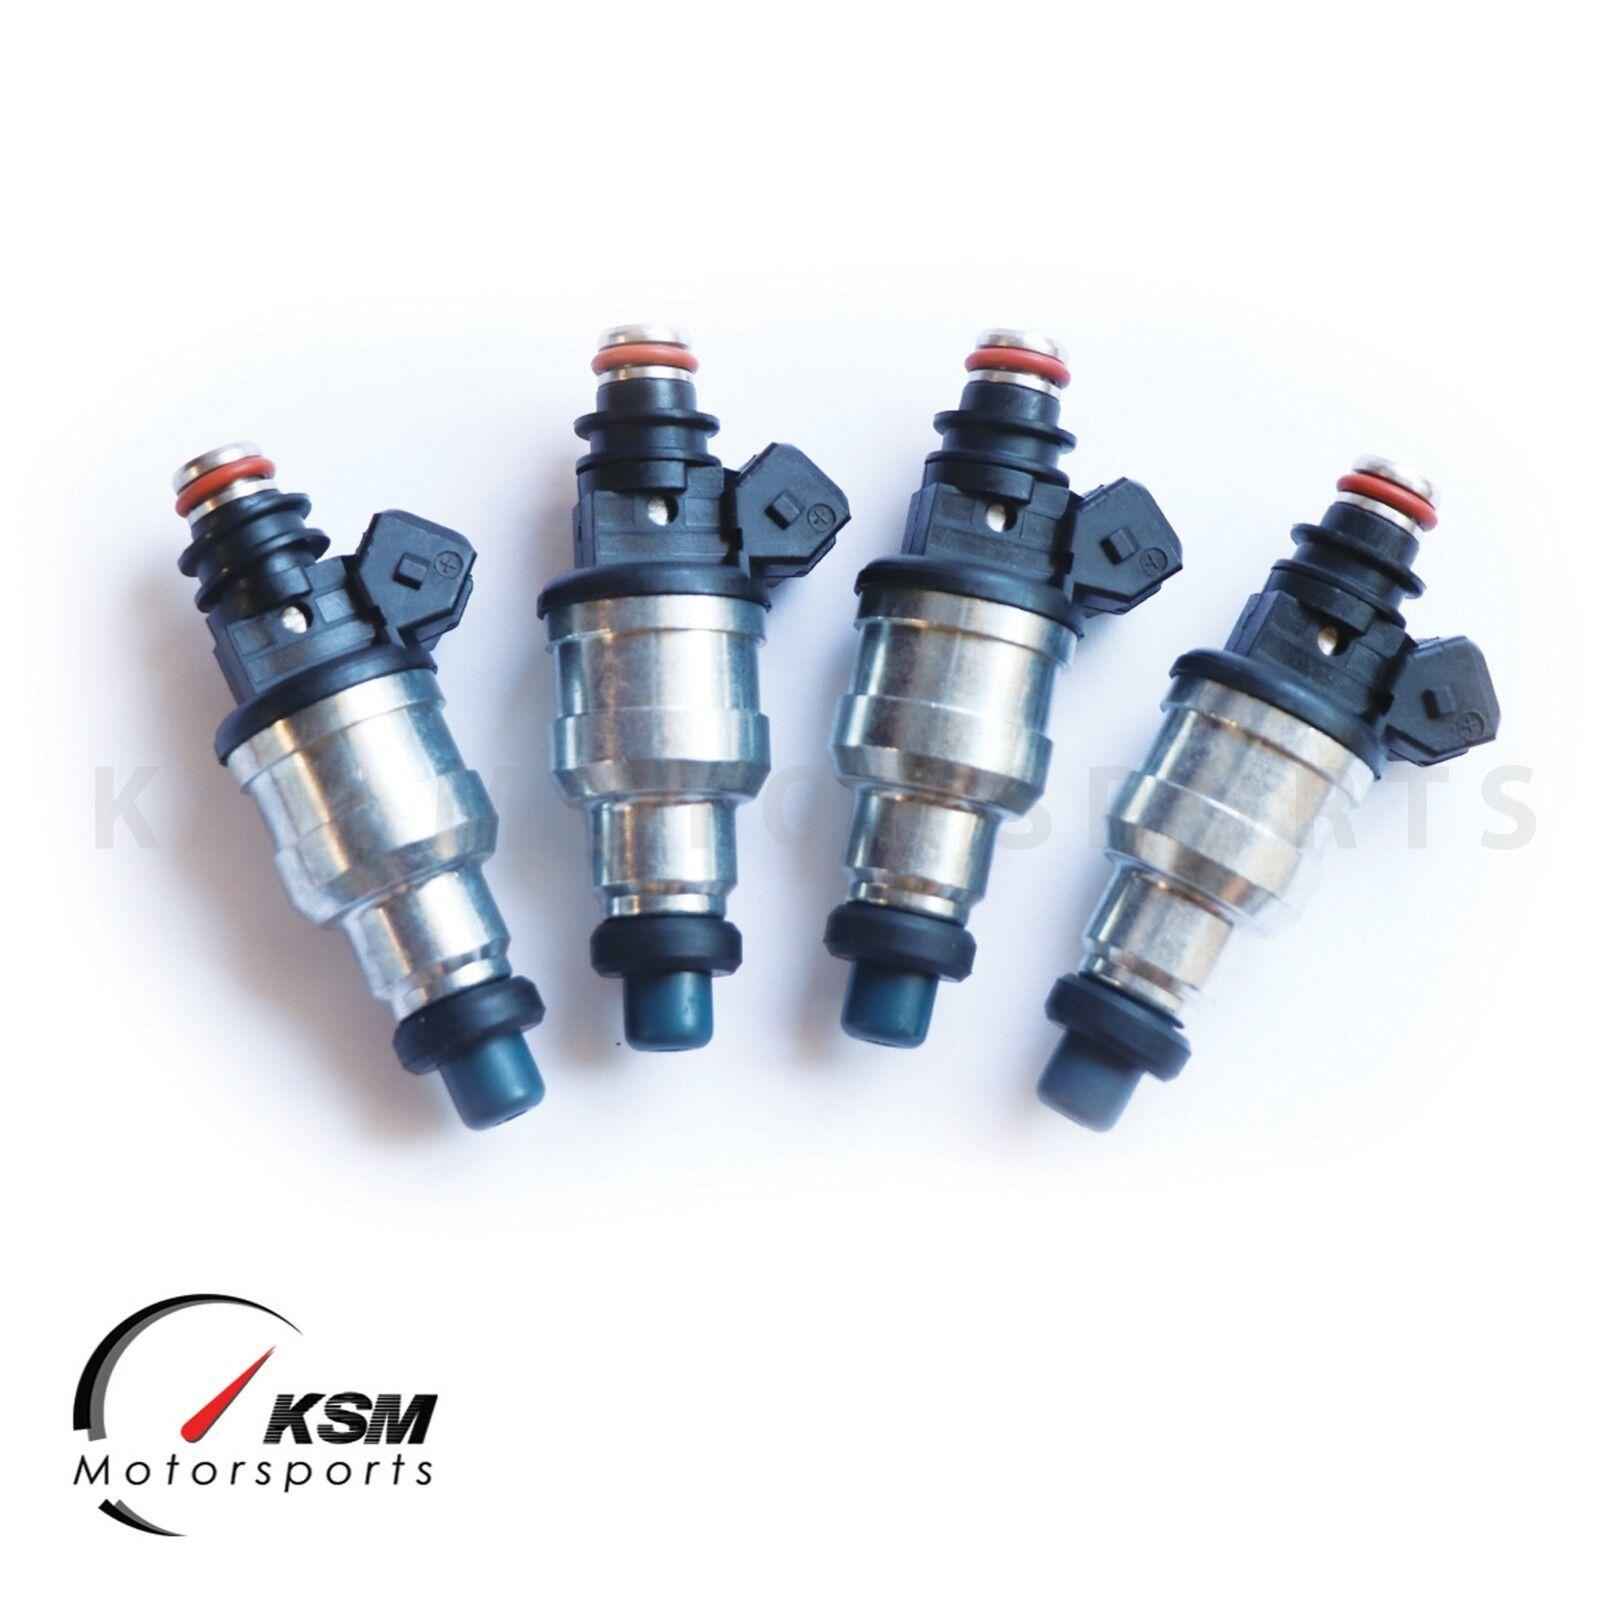 TRE Flowmatched 1200cc High Honda Fuel Injectors B16 B18 D16 D18 F22 H22 VTEC 4